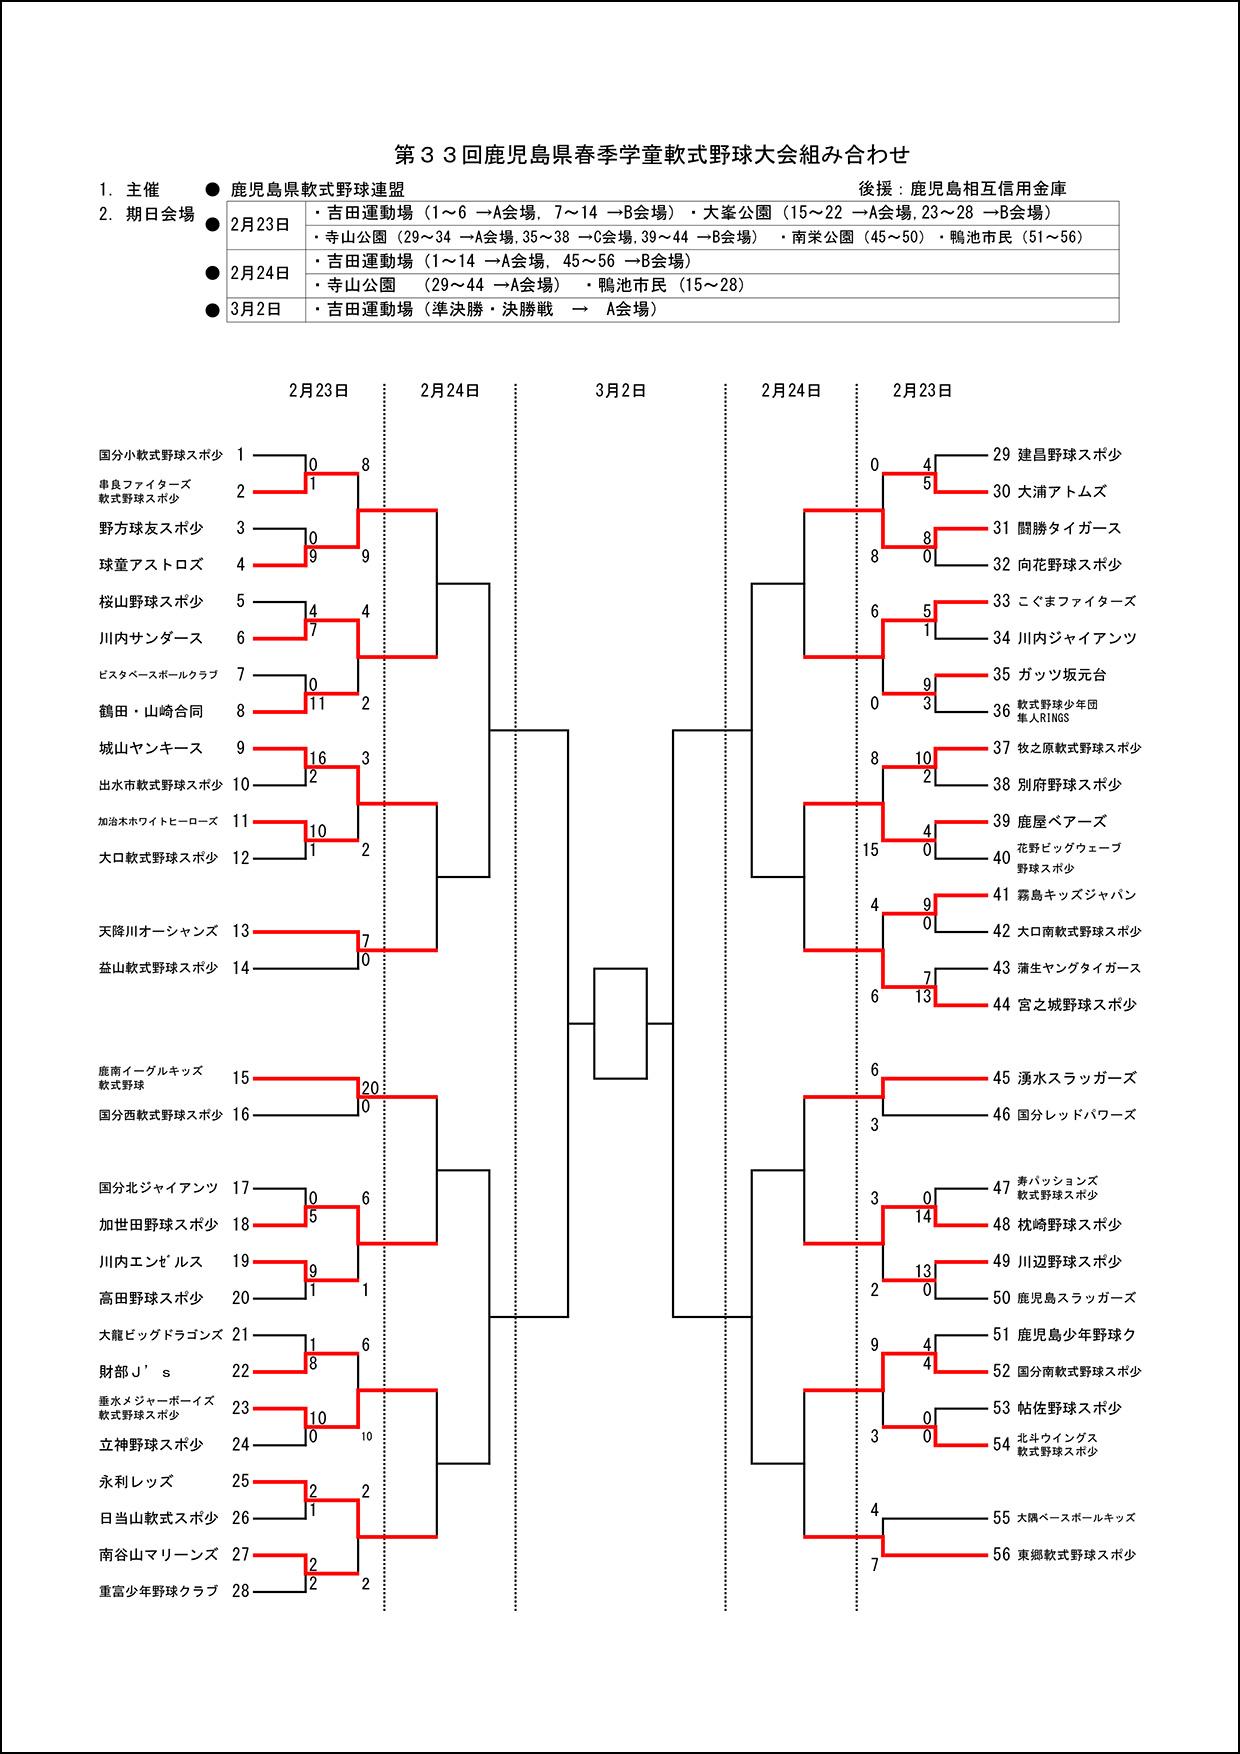 【1日目結果】第33回鹿児島県春季学童軟式野球大会